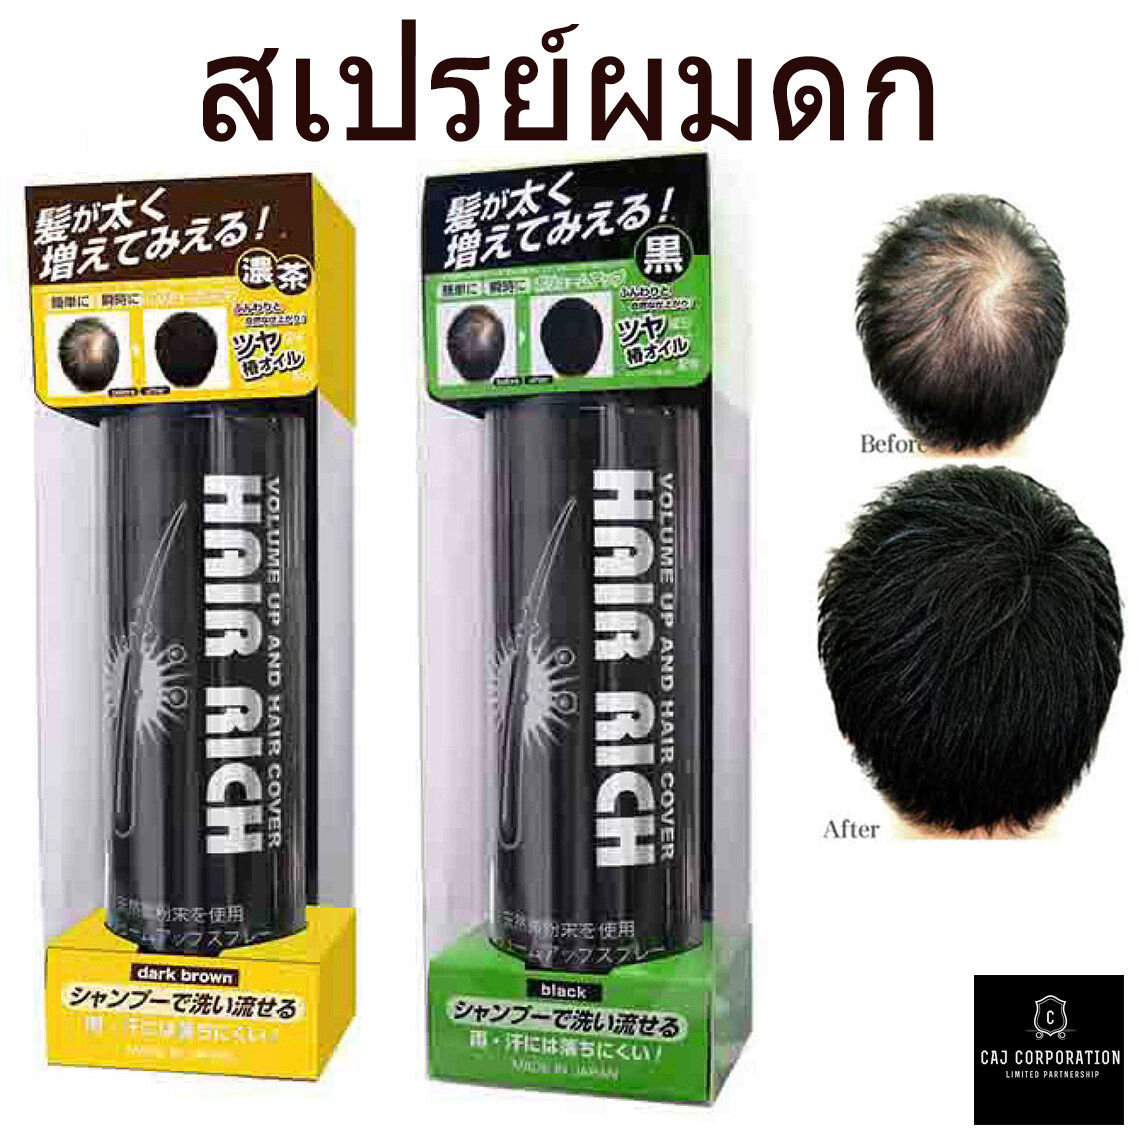 Hair Rich Volume Up Hair Spray แฮร์ ริช วอลุ่ม อัพ สเปรย์ สเปรย์ผมดก สเปรย์เพิ่มผมหนา สเปรย์ฉีดผมหนา 150 G..